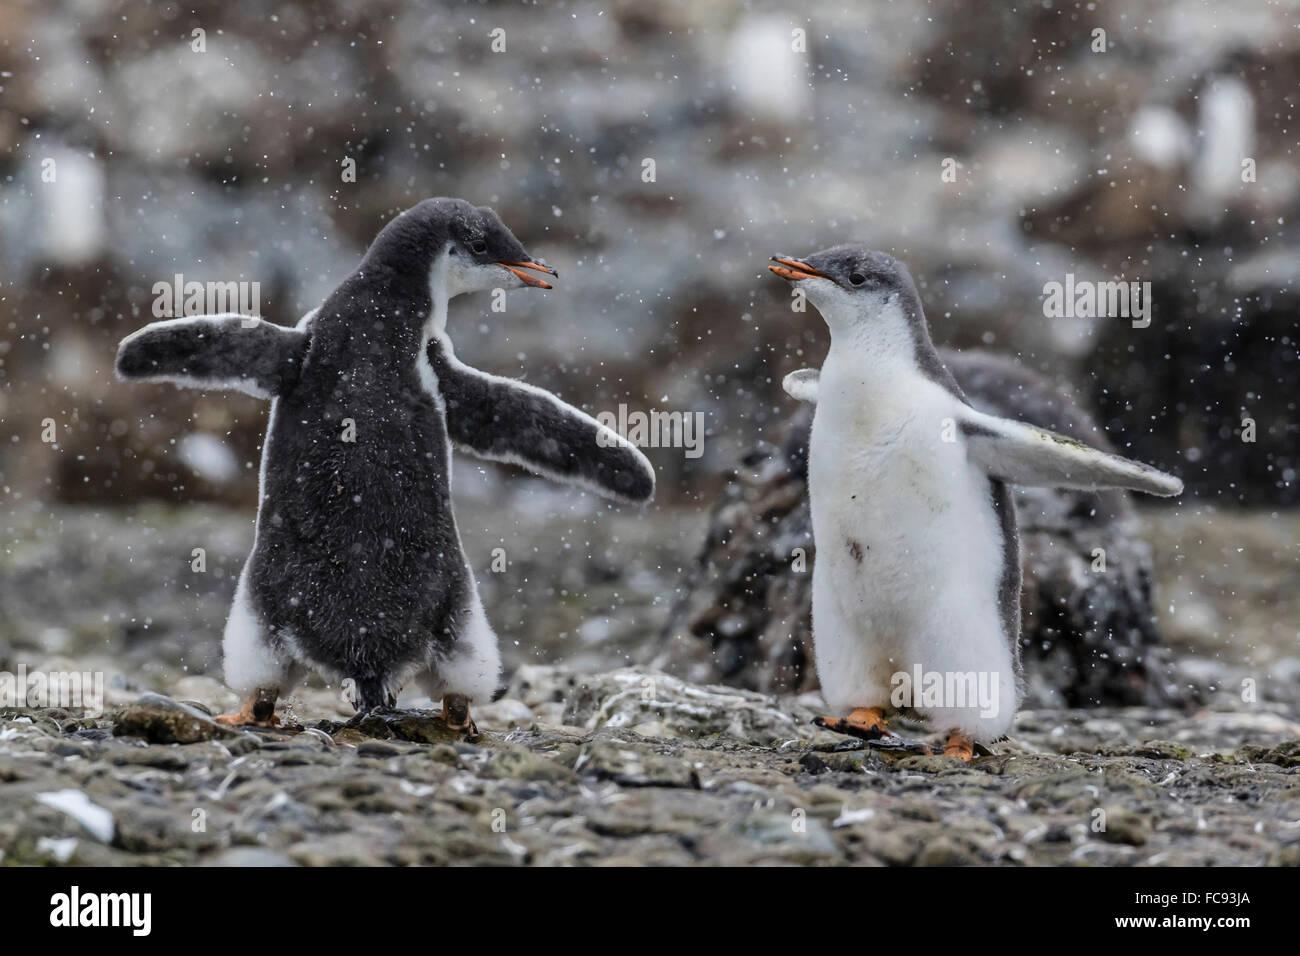 Los polluelos de pingüinos papúa (Pygoscelis papua) en éxtasis mostrar en Brown Bluff, en la Antártida, Imagen De Stock